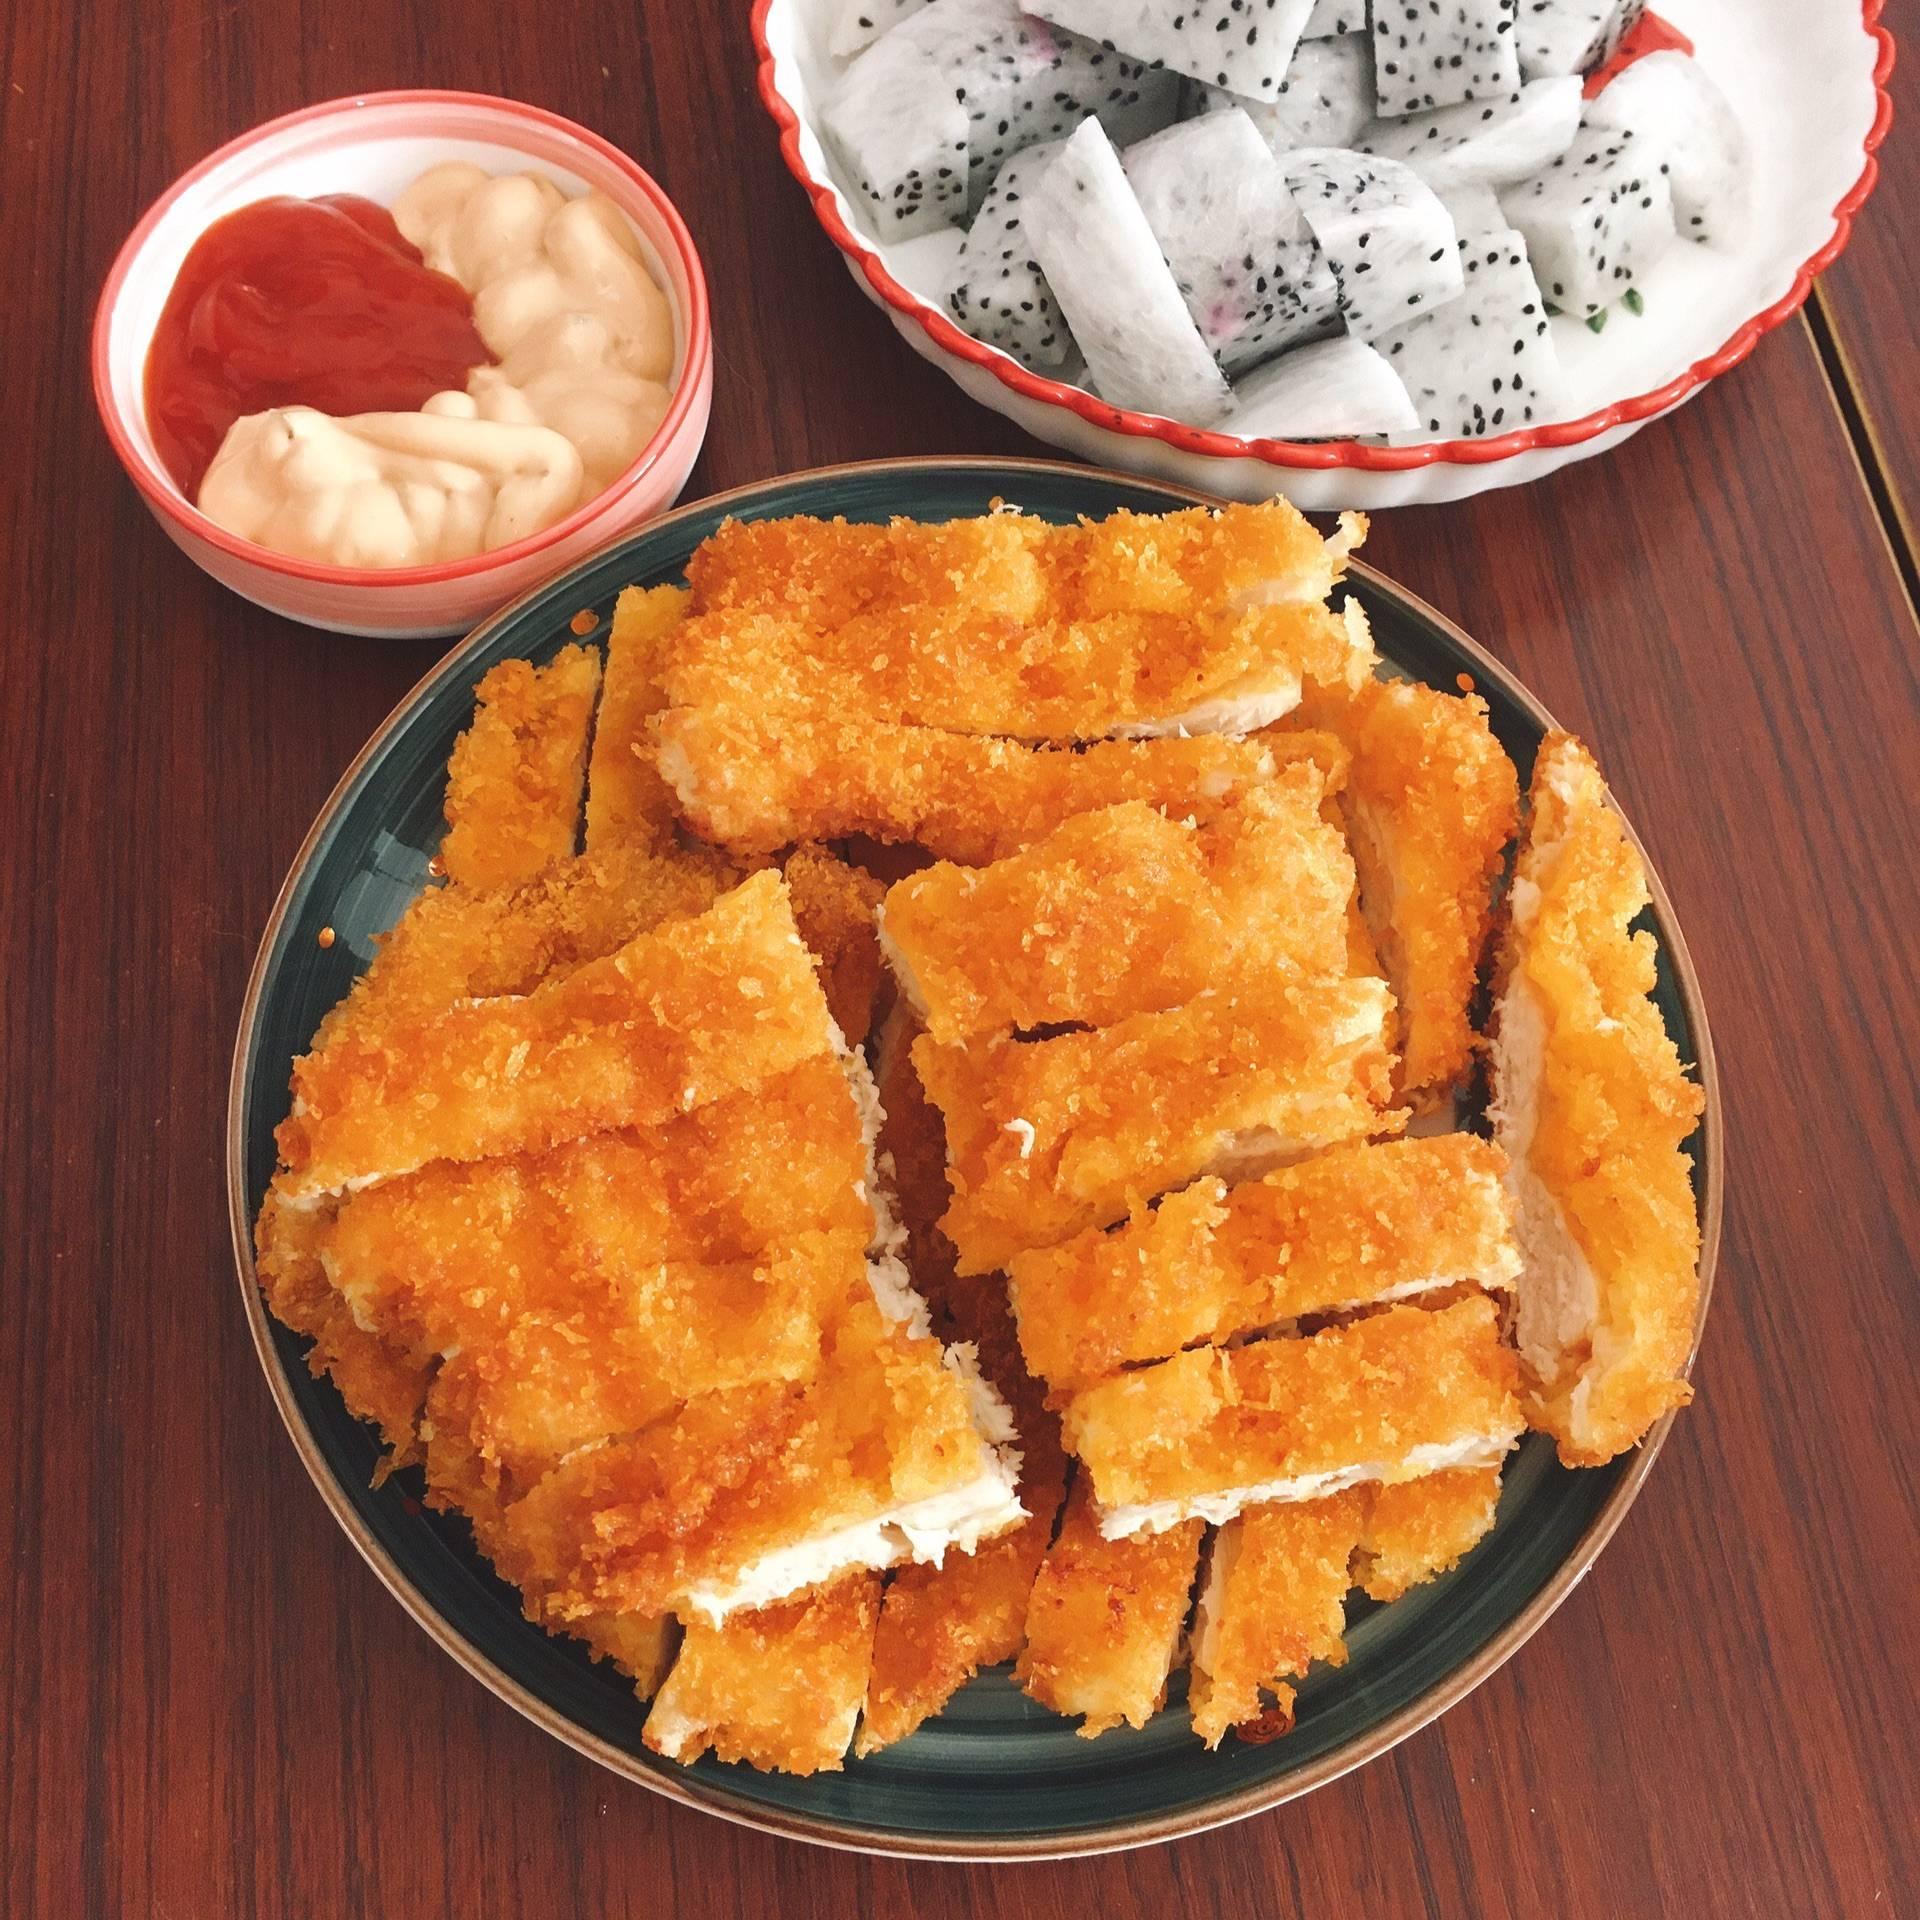 「炸鸡排」的做法+配方,在家自己做鸡排,干净又健康吃着放心